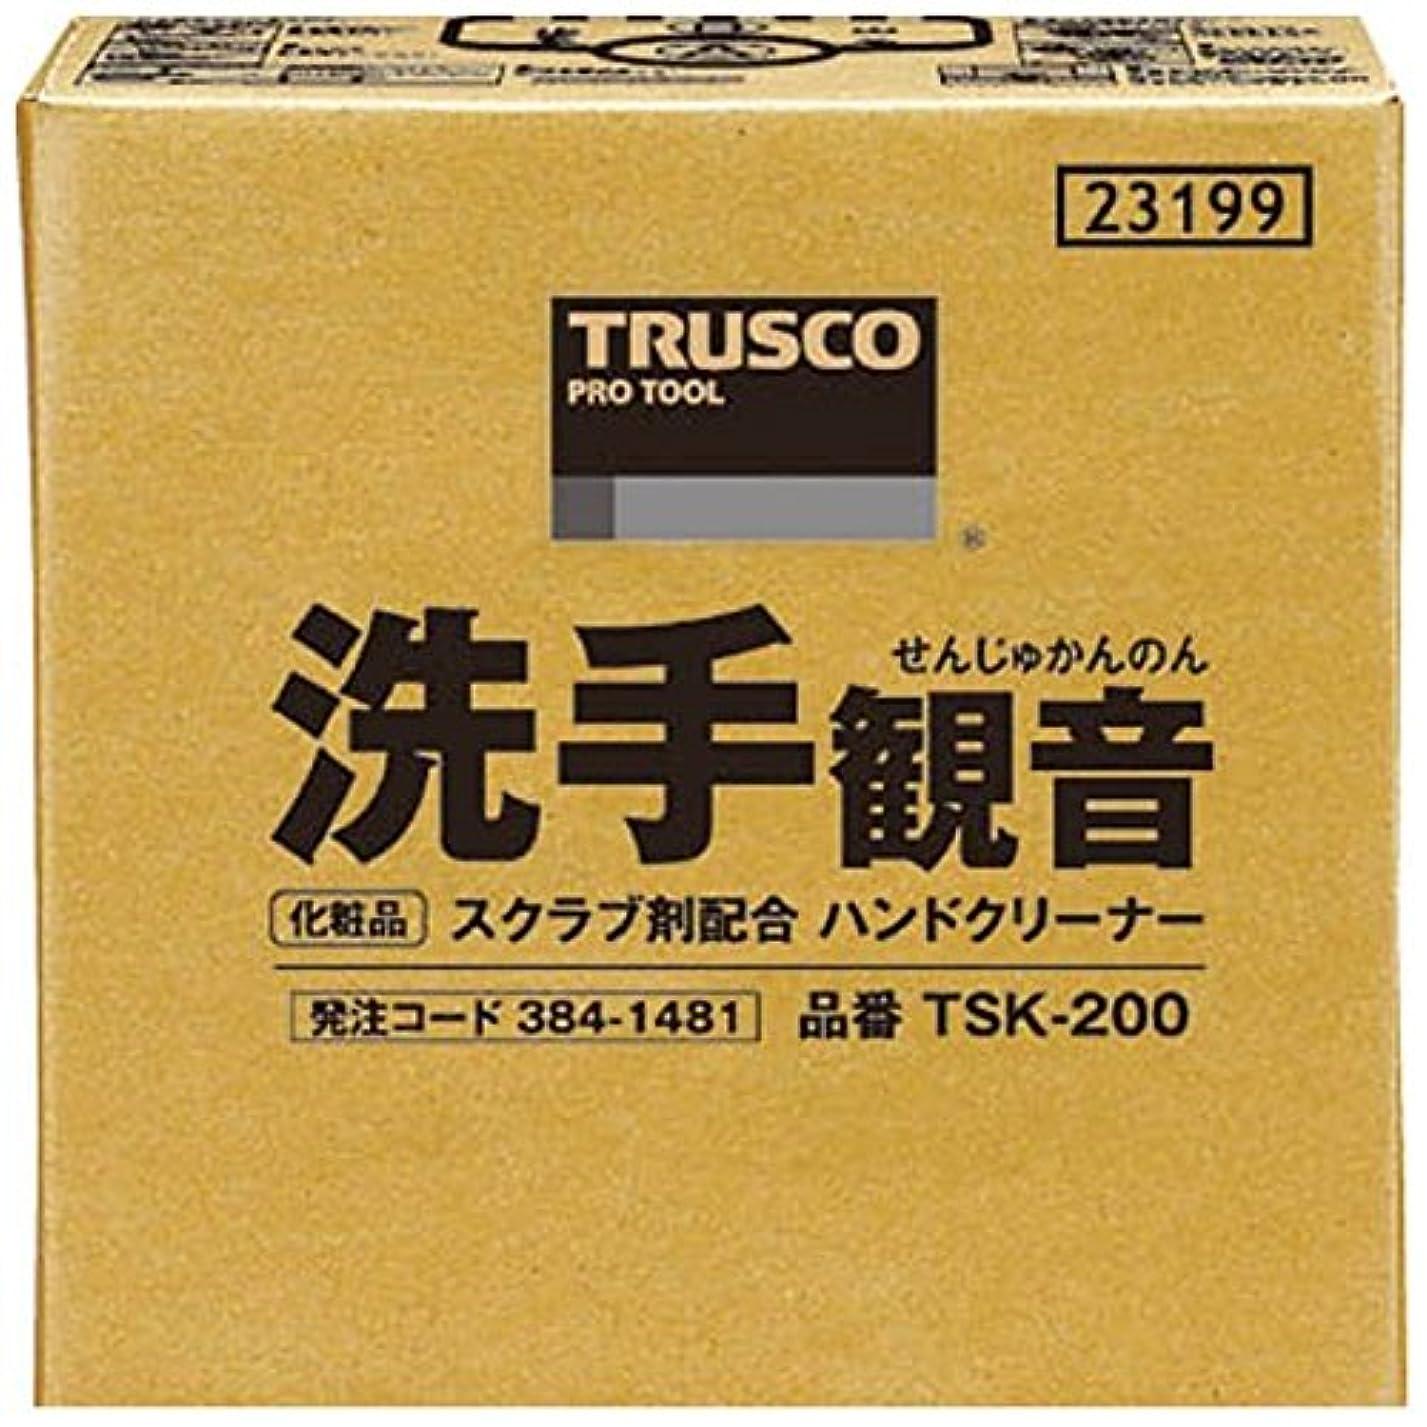 ちょうつがい限定子孫TRUSCO 洗手観音 20kg バックインボックス TSK-200